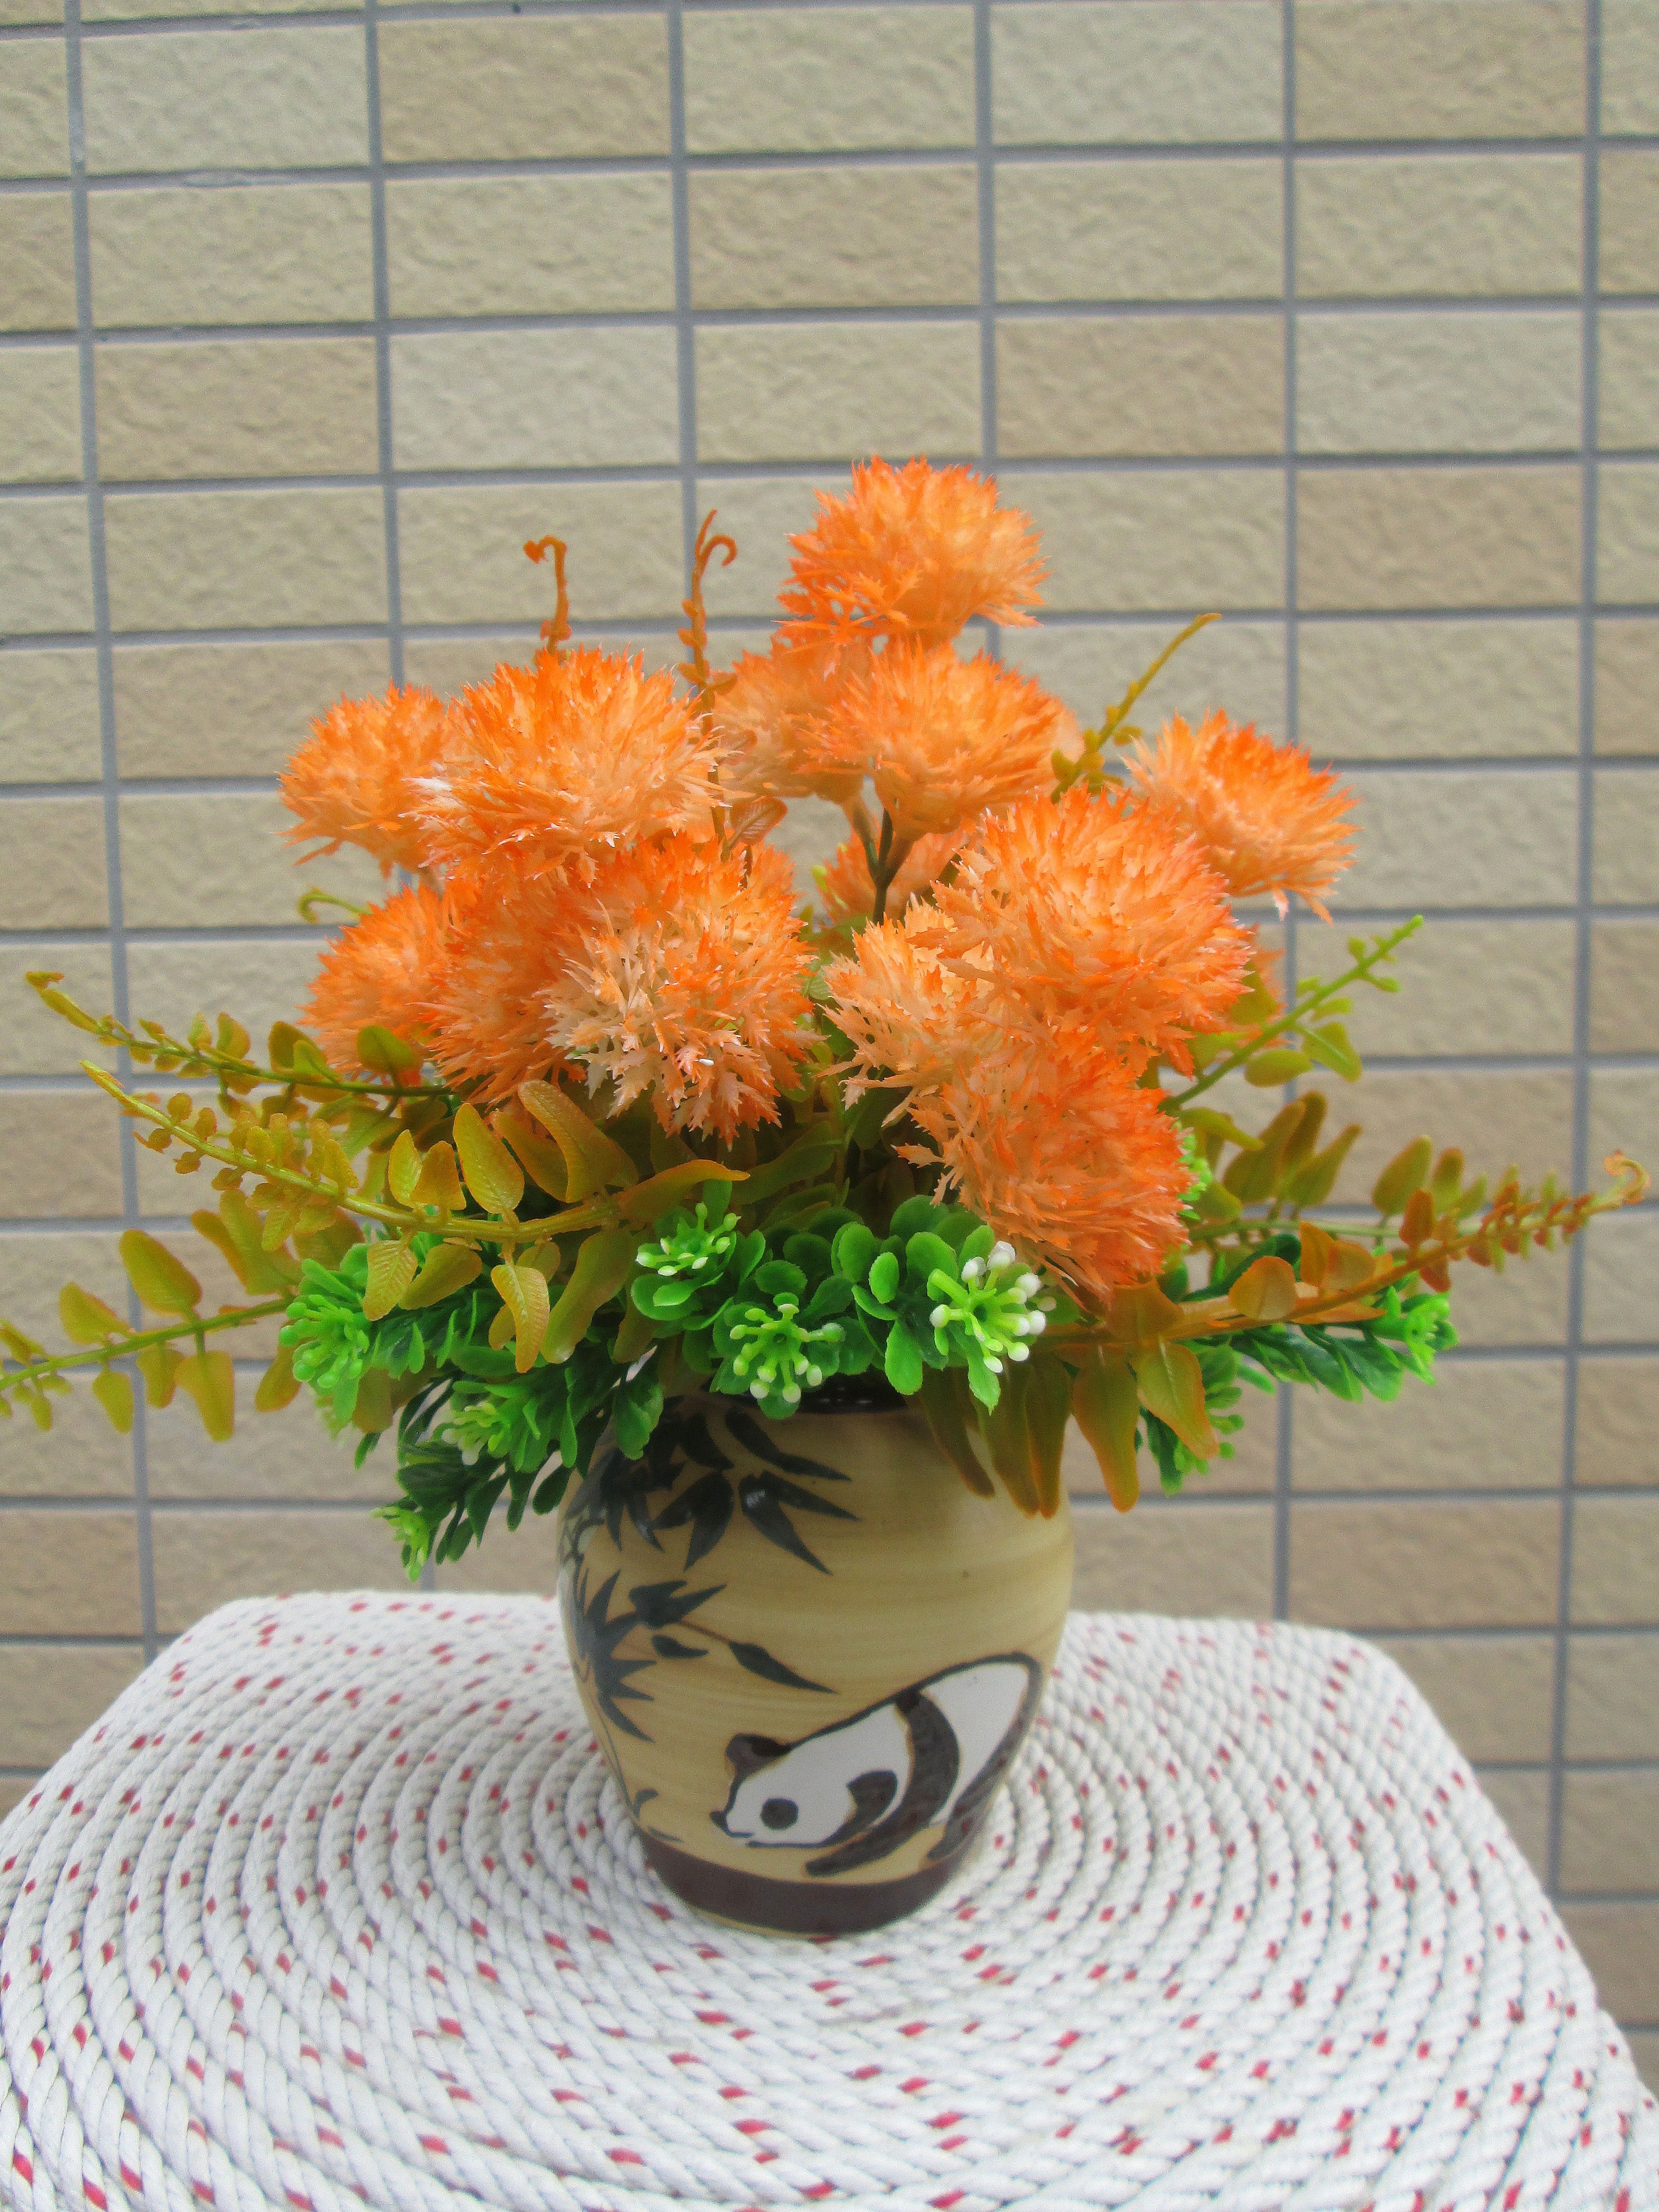 Những bông hoa tròn như quả chôm chôm màu cam kết hợp bình gốm vẽ